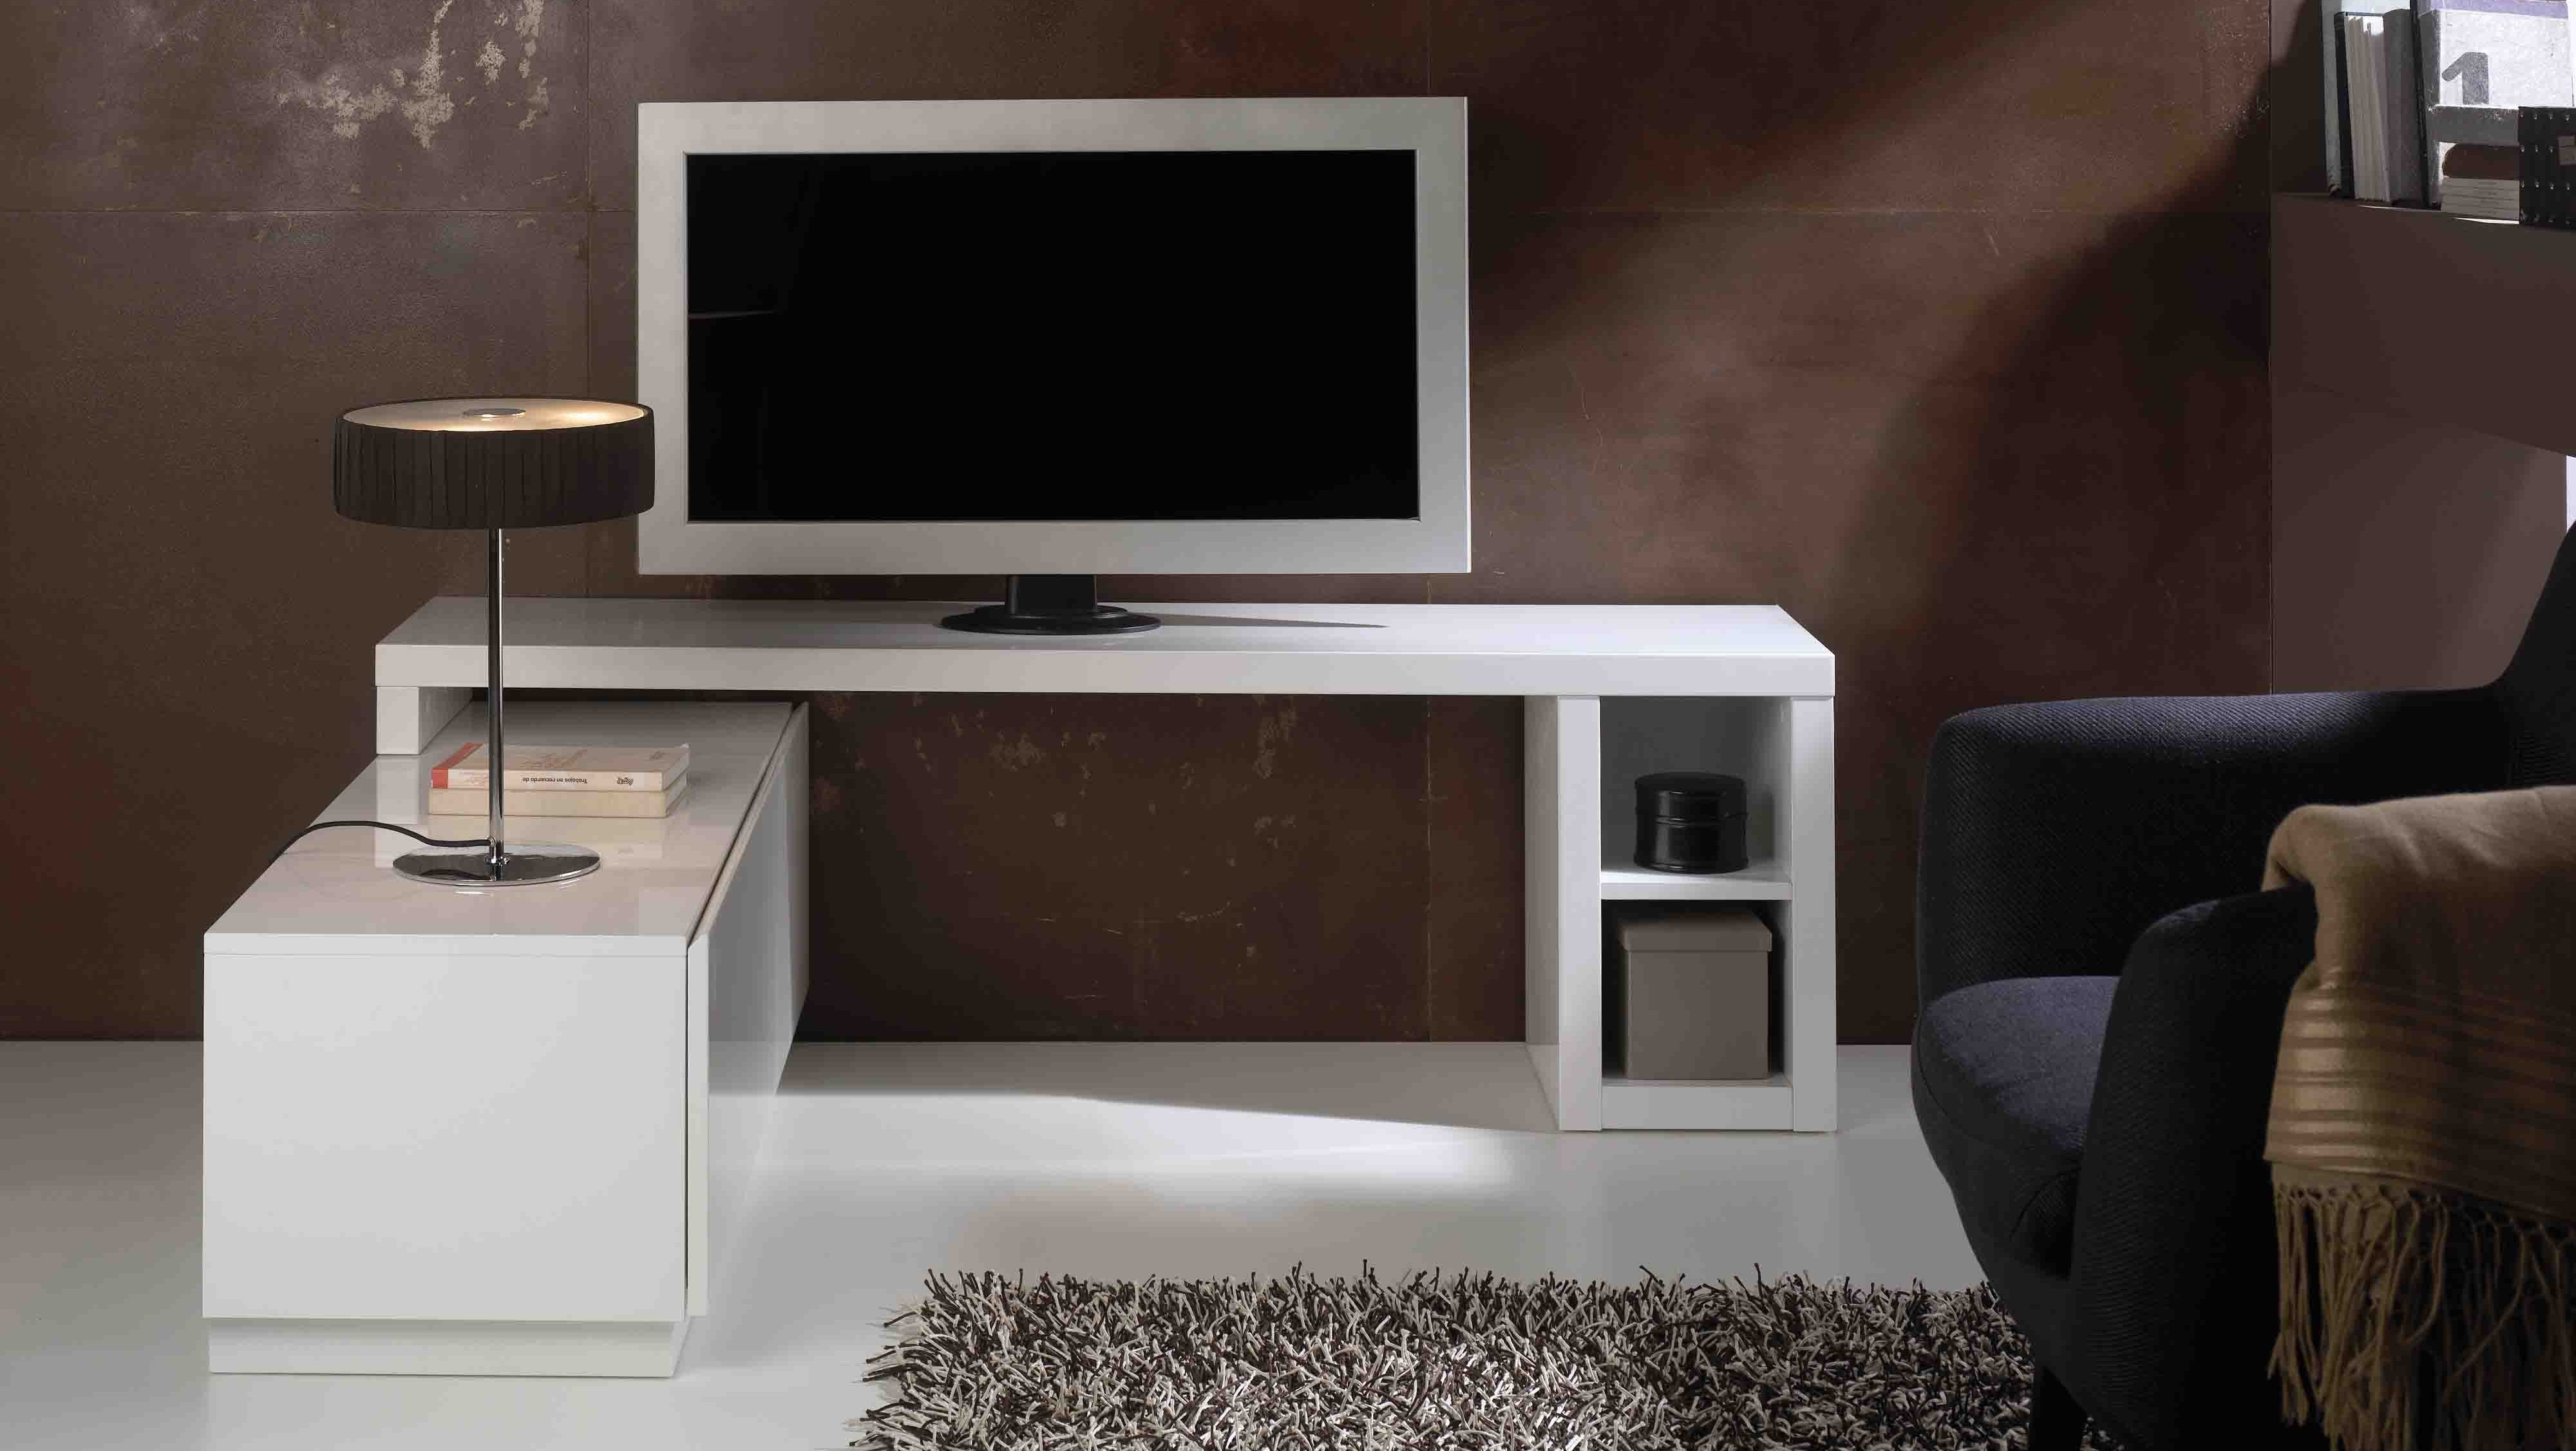 Ensemble Meuble Tv Moderne Avec Colonnes De Rangement Manoj  # Meuble Tv Suspendue